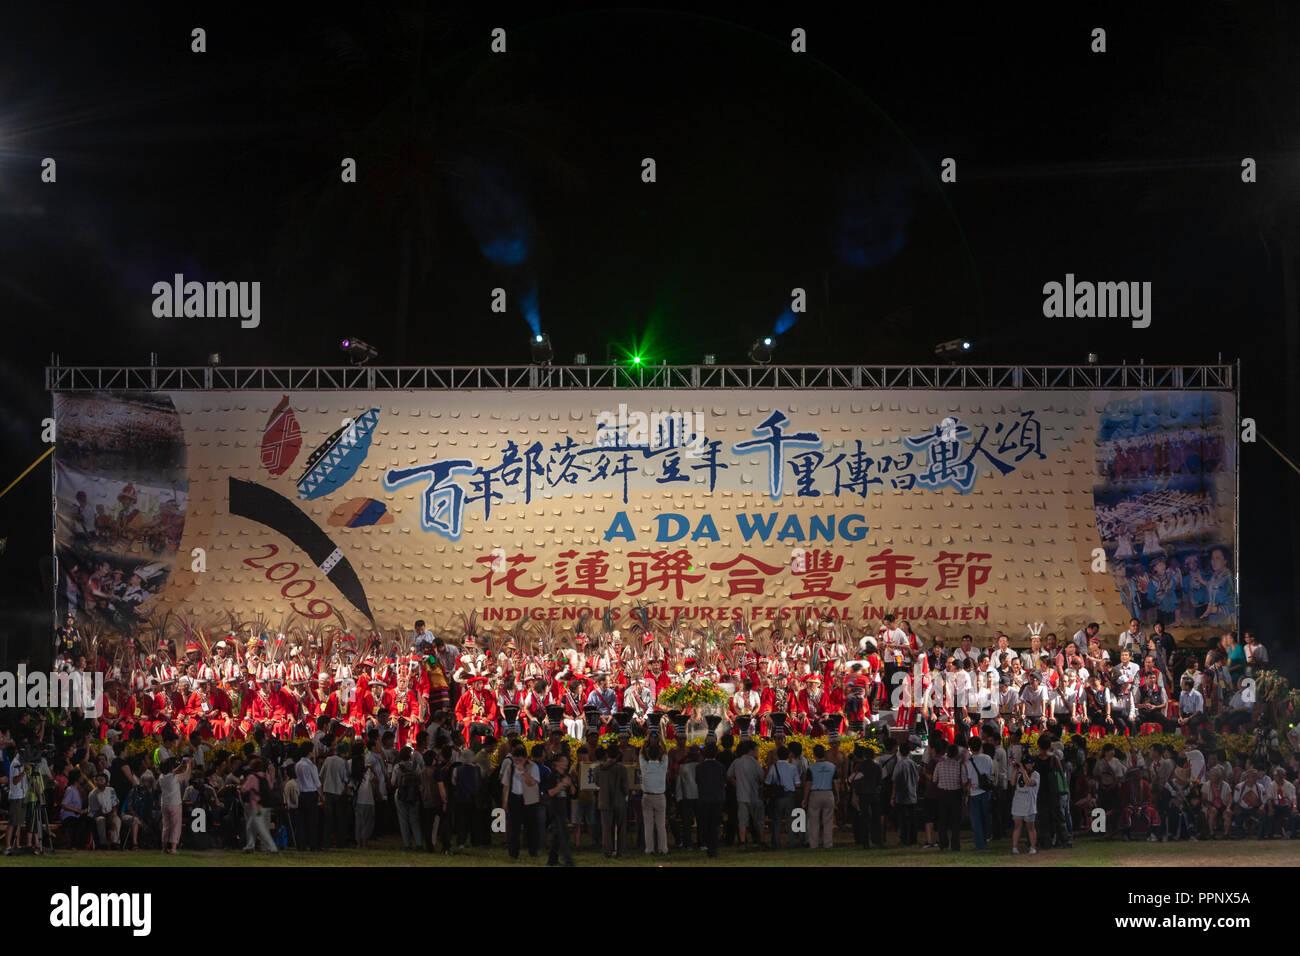 """2009 """"Un DA WANG' las culturas indígenas Festival (Festival de la cosecha Aborigen) en el condado de Hualien, Hualien, Taiwan Imagen De Stock"""